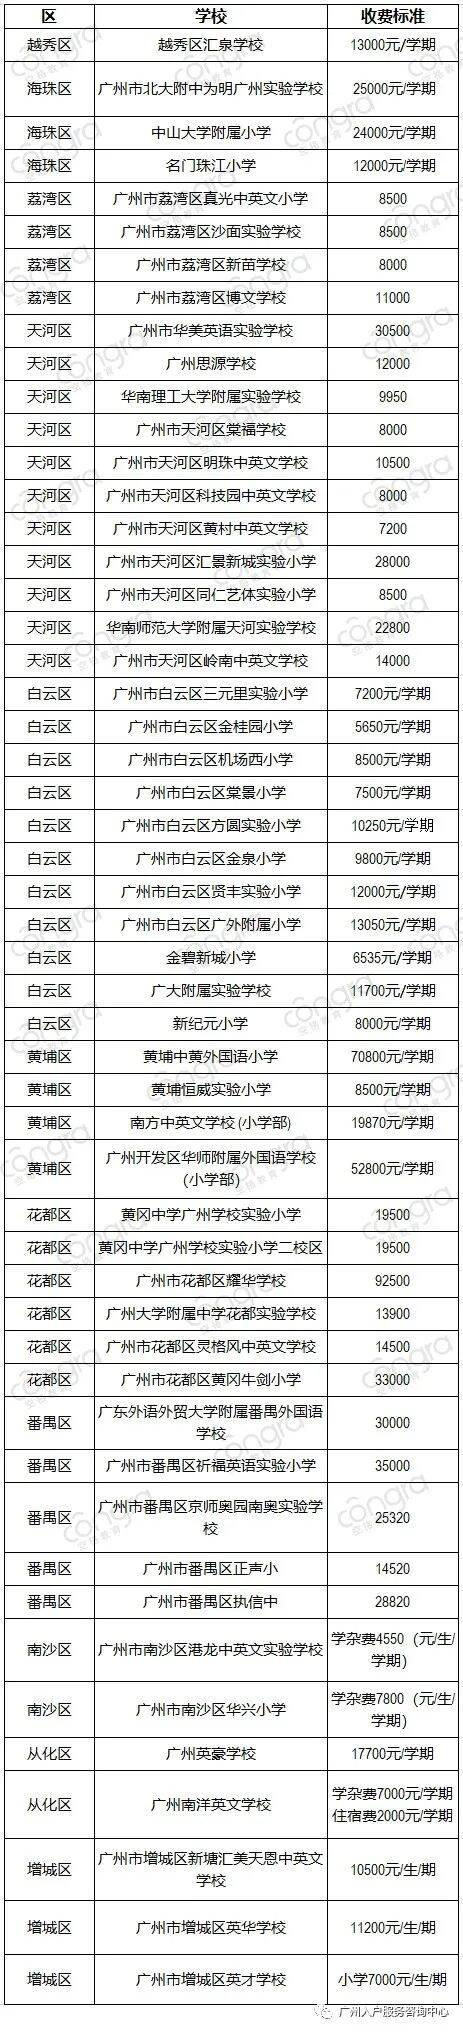 广州民办小学收费标准.jpg